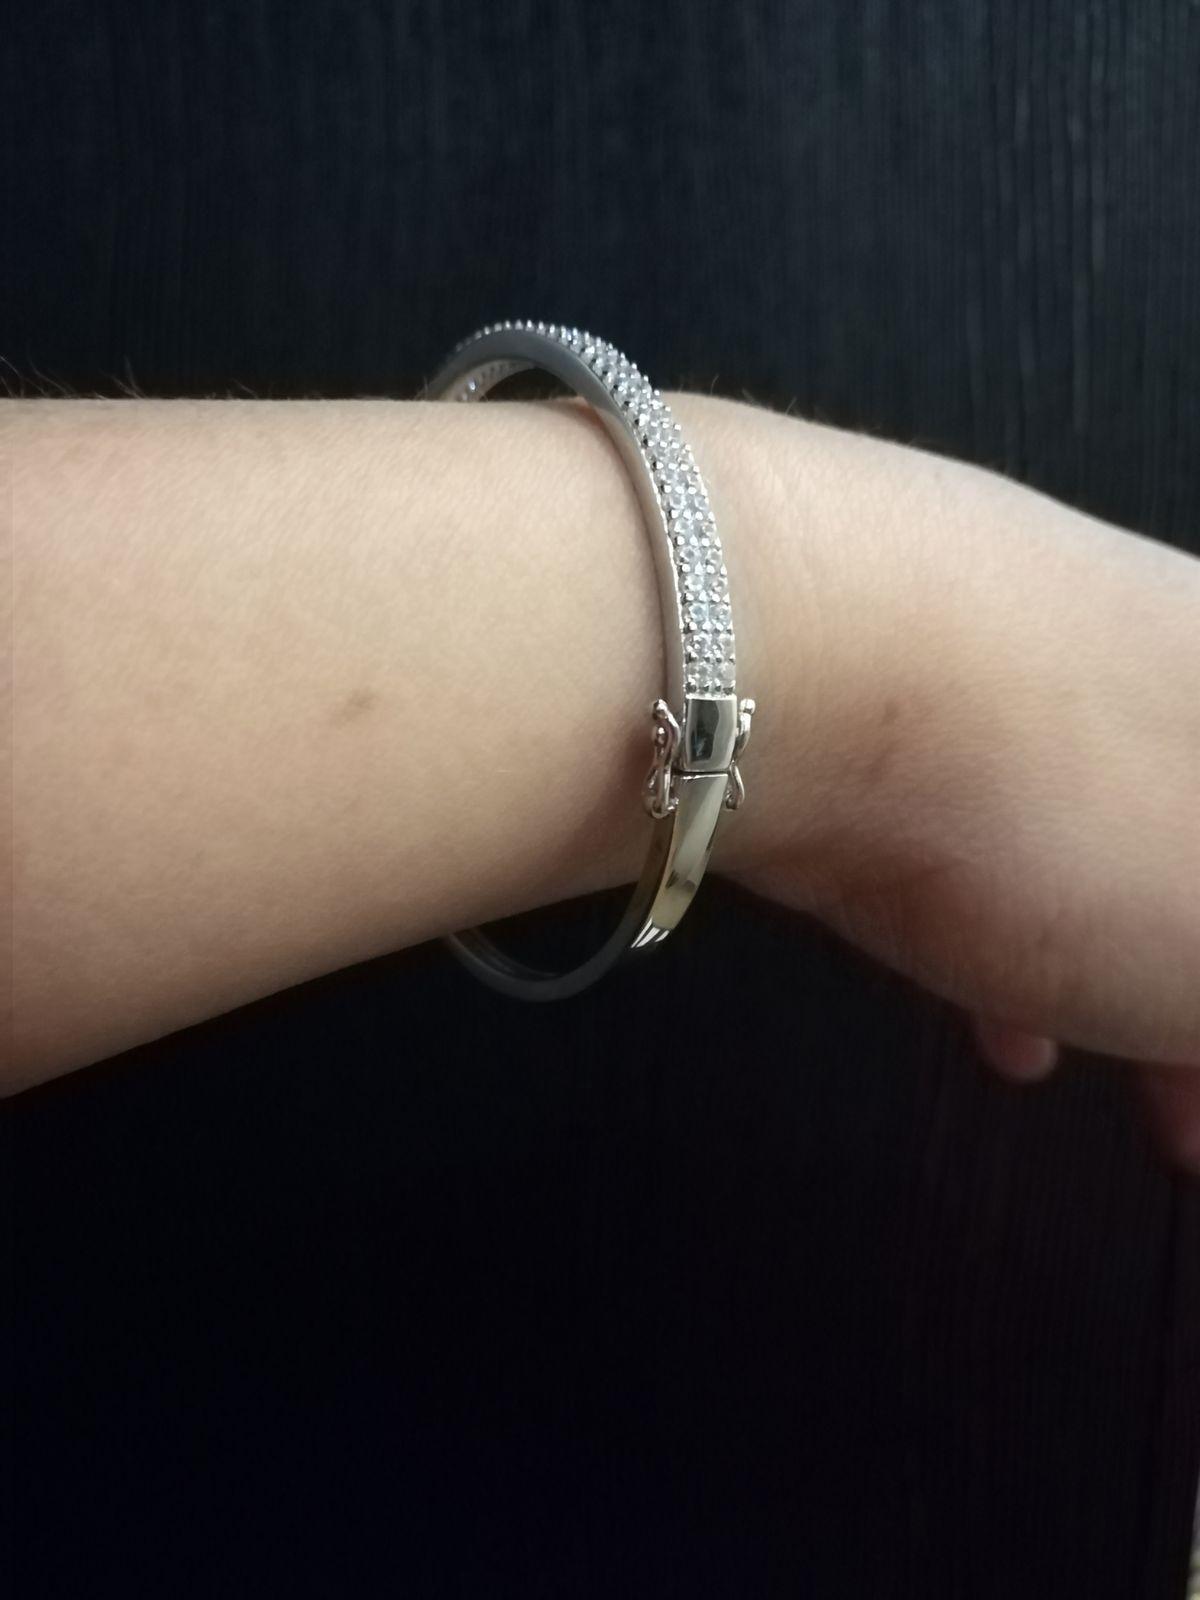 Очень красивый браслет! 🖤